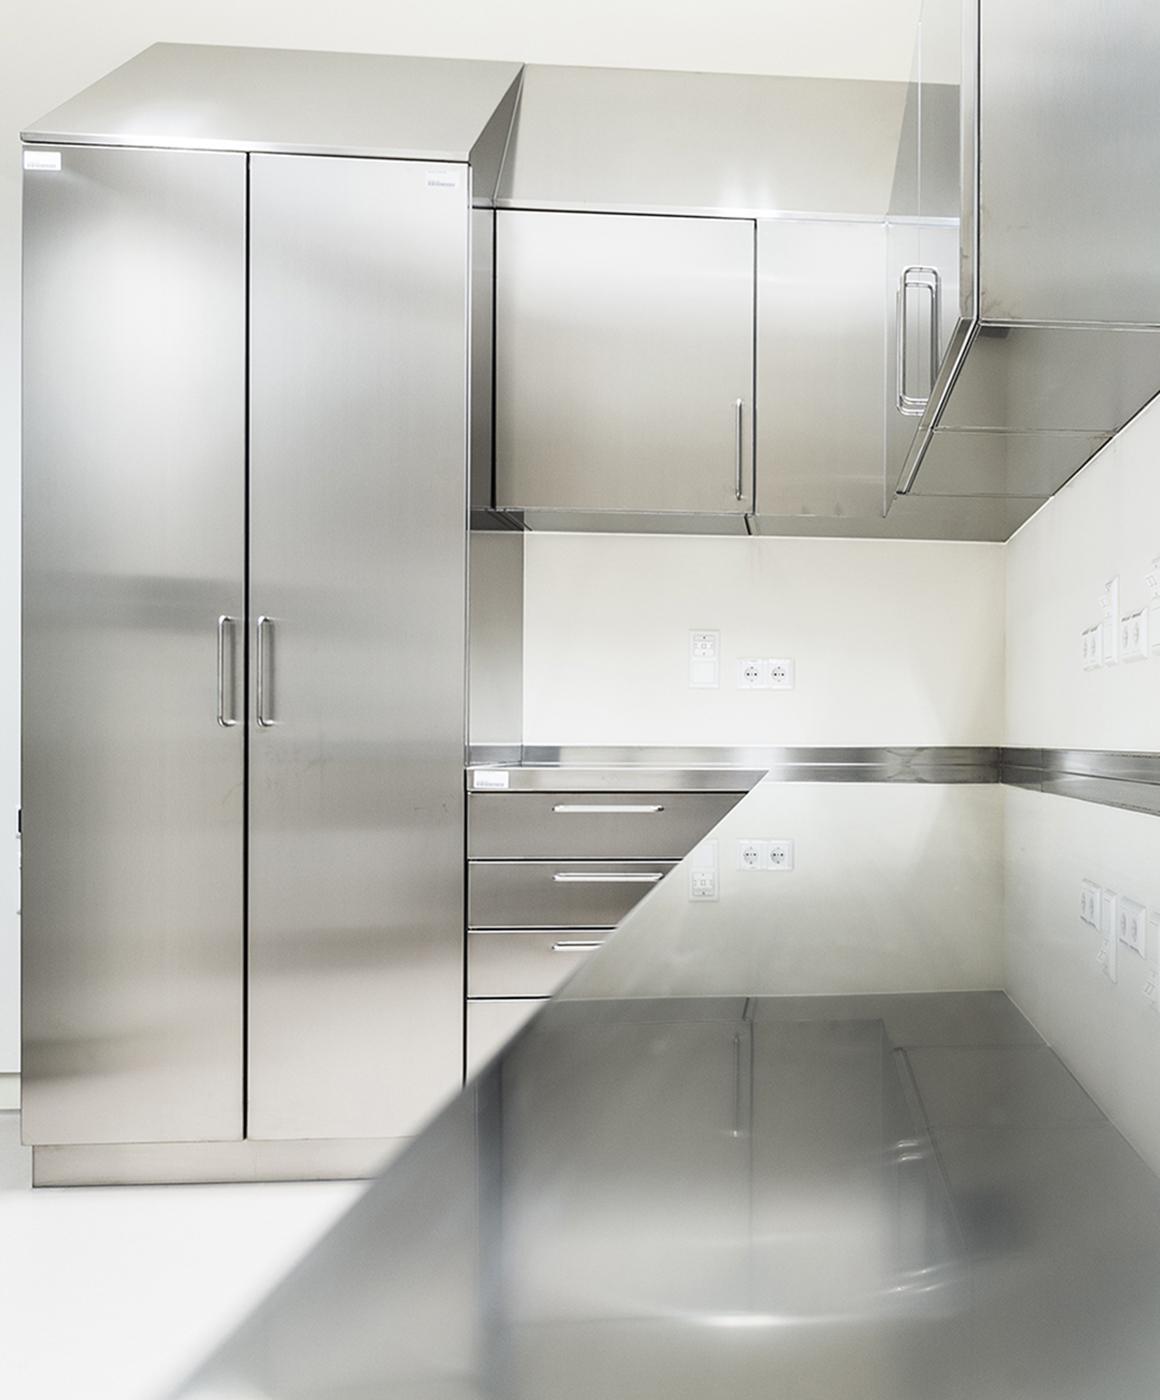 Reinraum-Edelstahlmöbel von Kiefer technic